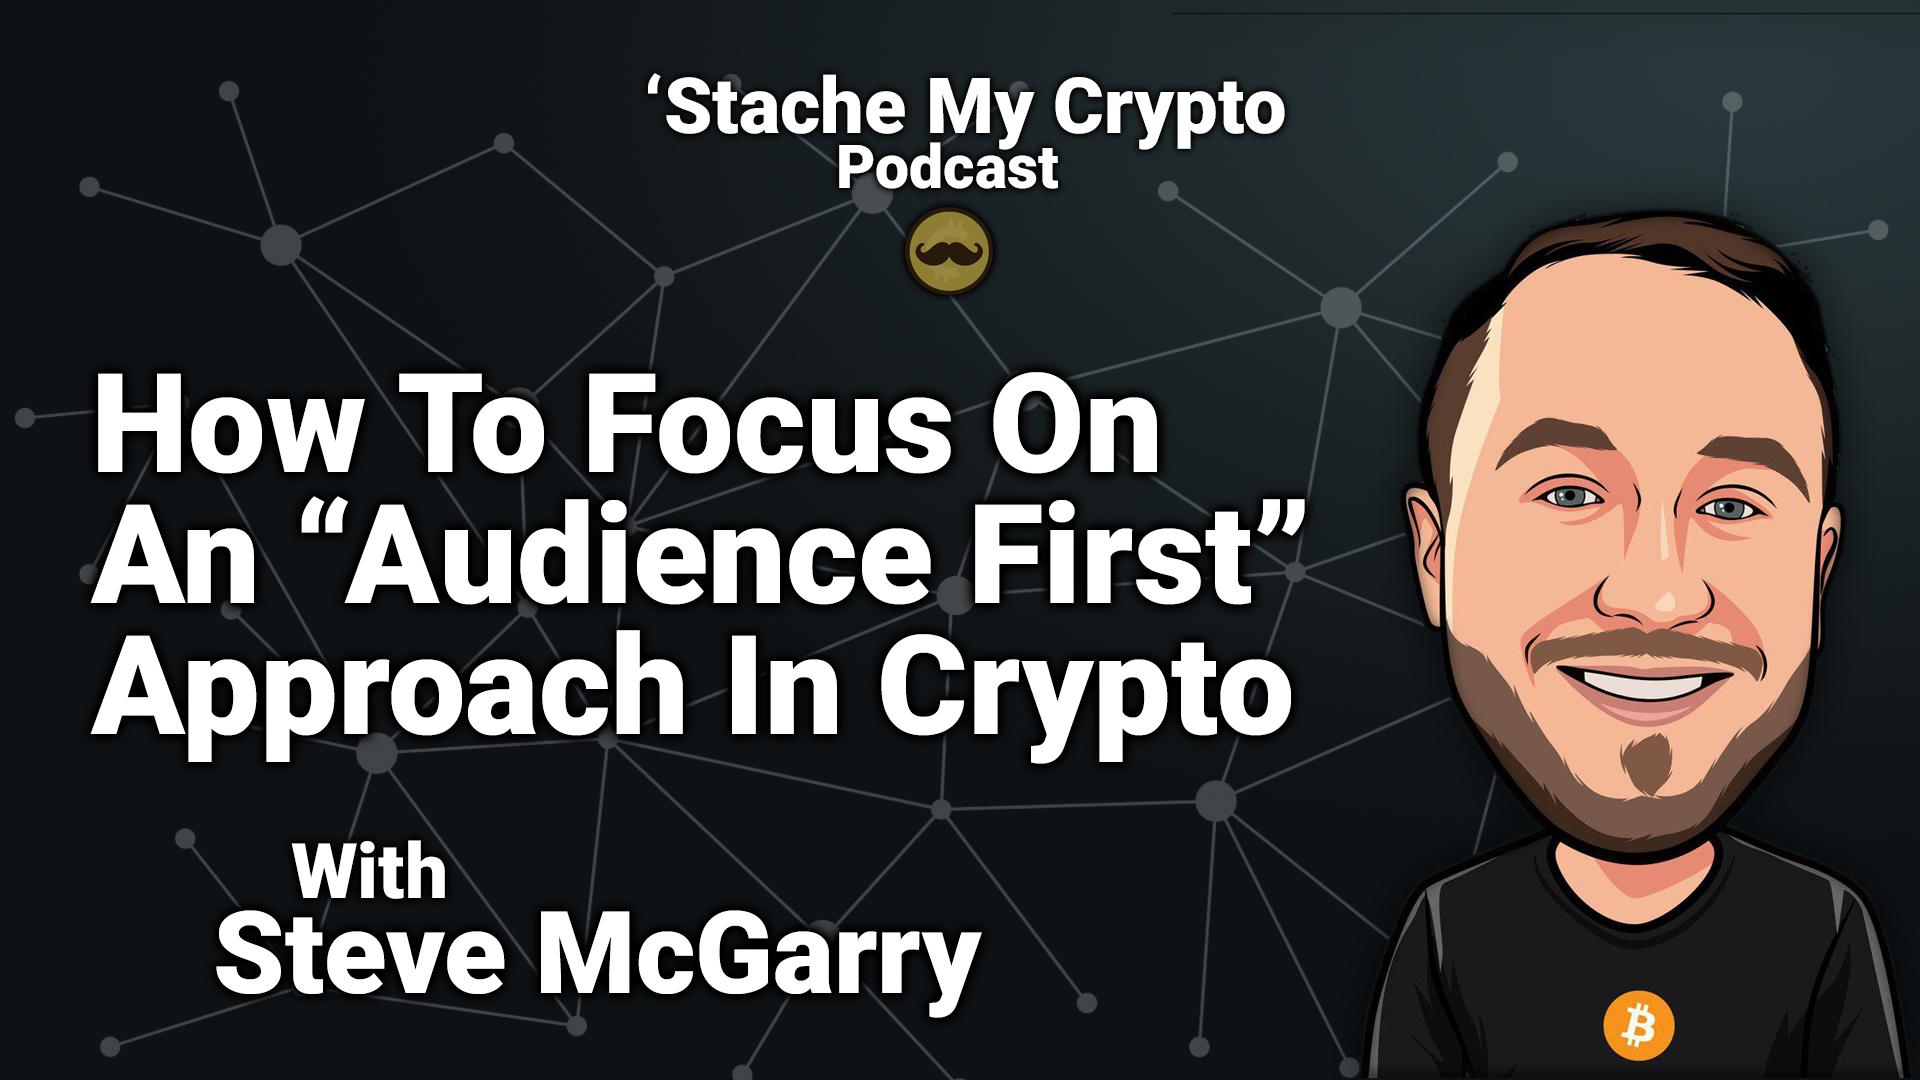 Steve McGarry hack crypto AC3 grow your base stache my crypto podcast